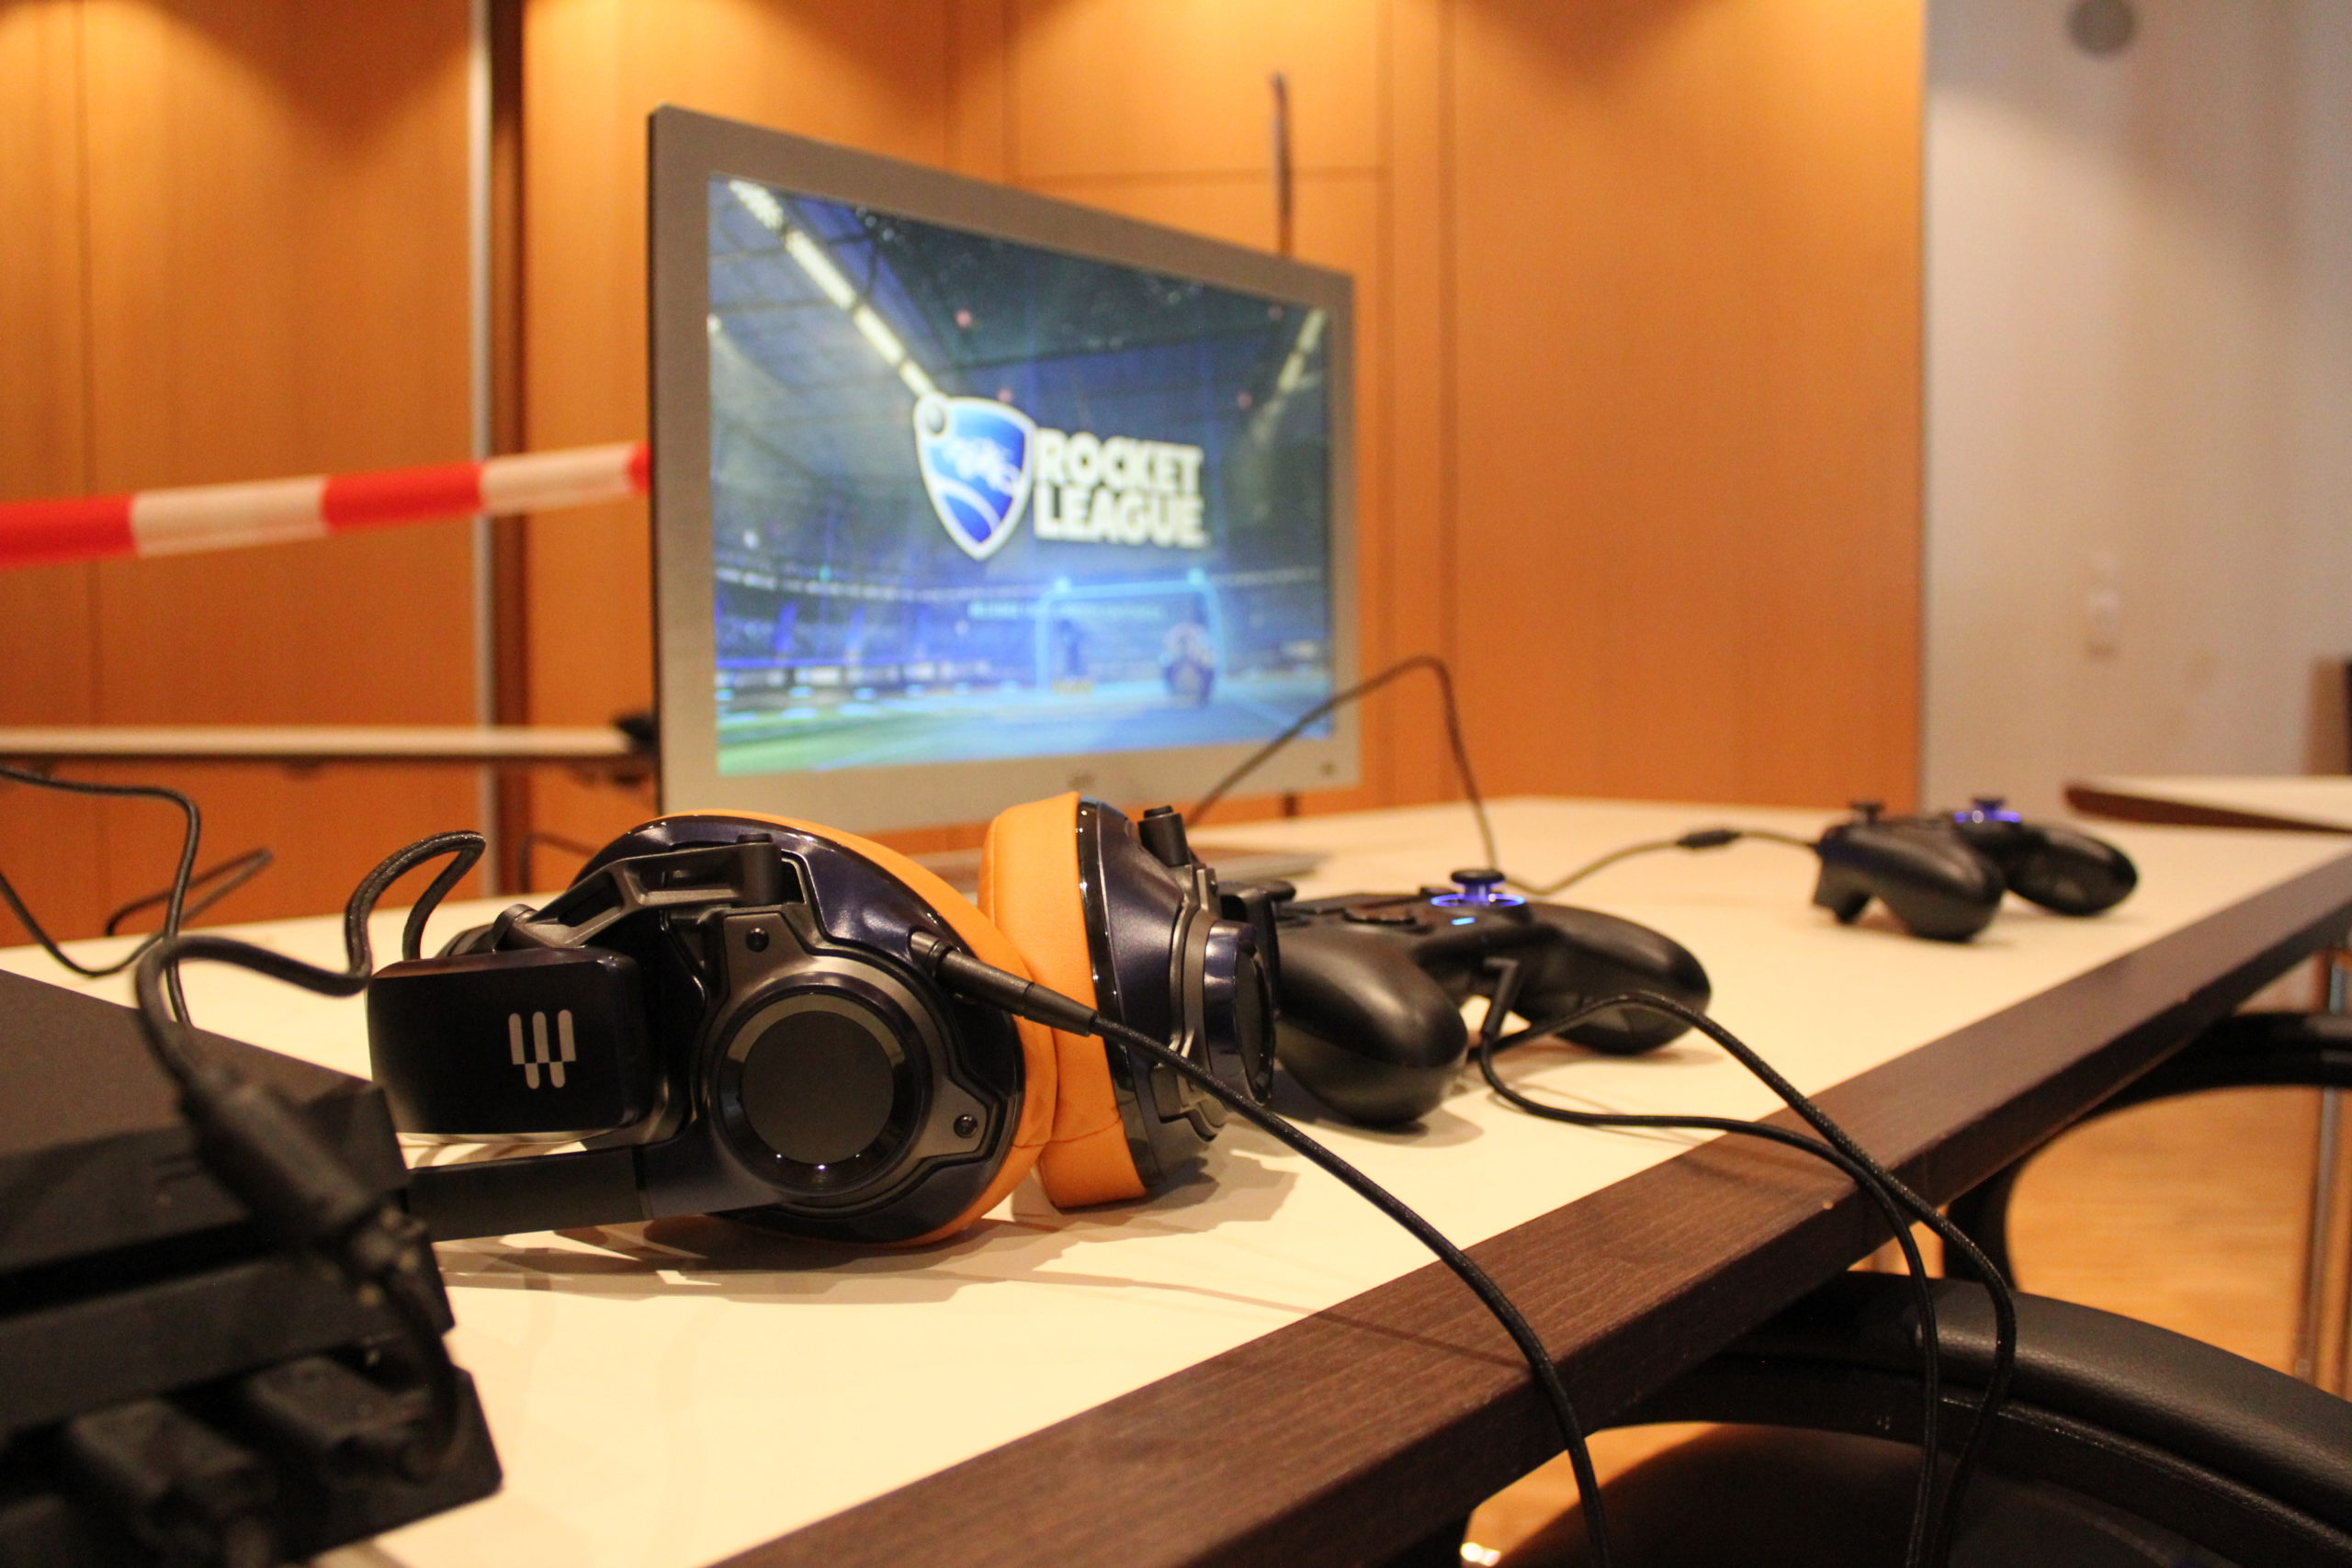 Auf einem Tisch ist ein Bildschirm, Kopfhörer und Controller aufgebaut.